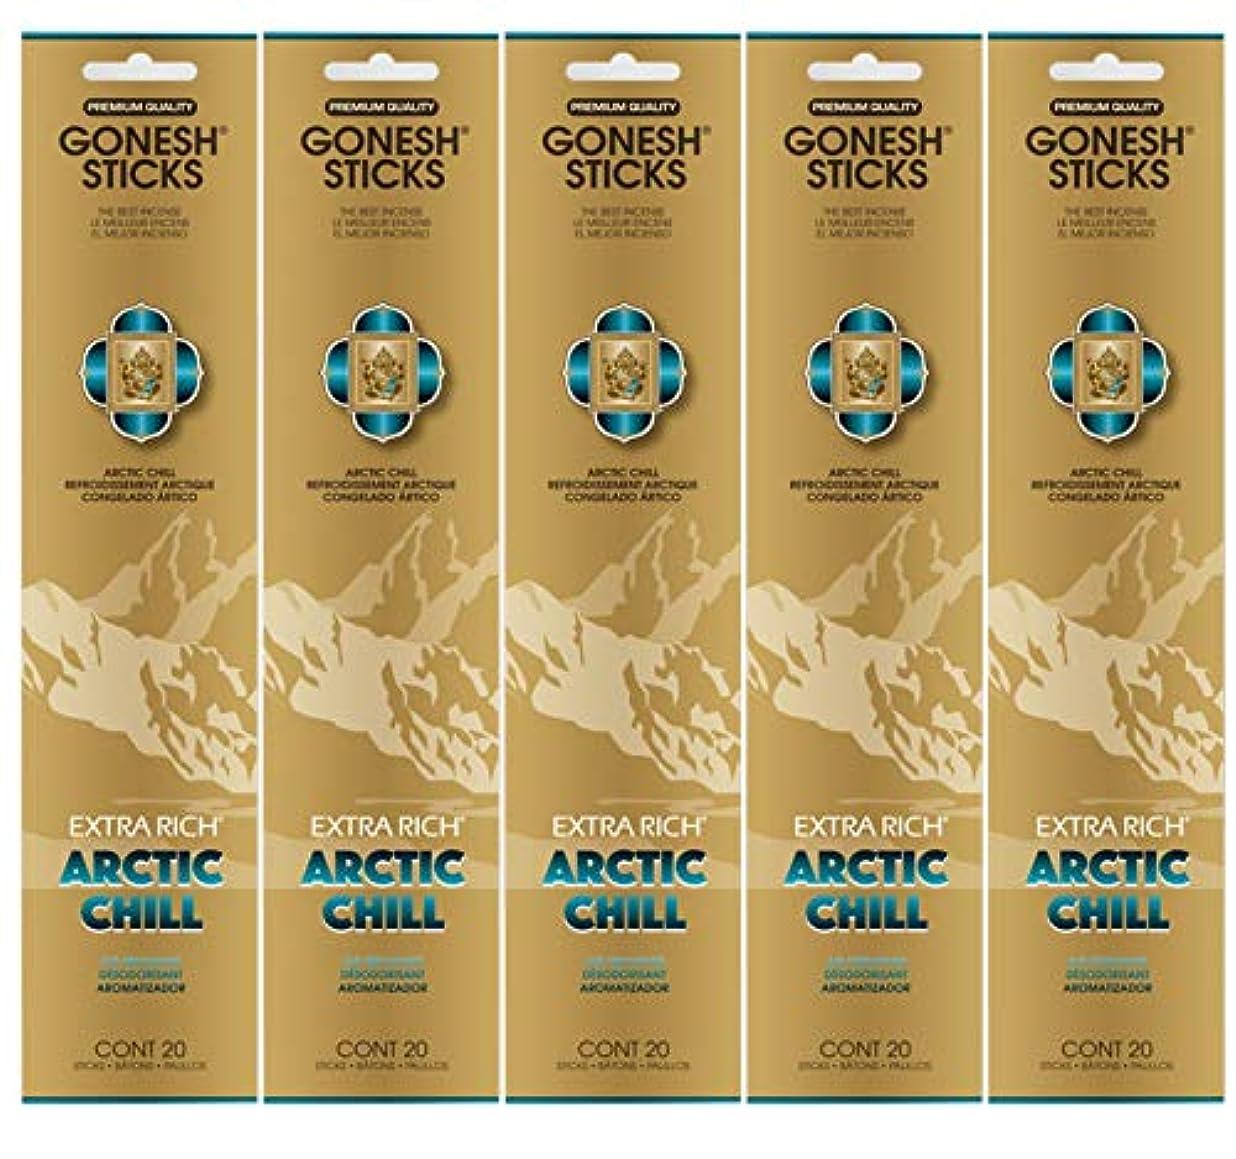 アライアンスすべき比類のないGonesh お香スティック エクストラリッチコレクション - Arctic Chill 5パック (合計100本)